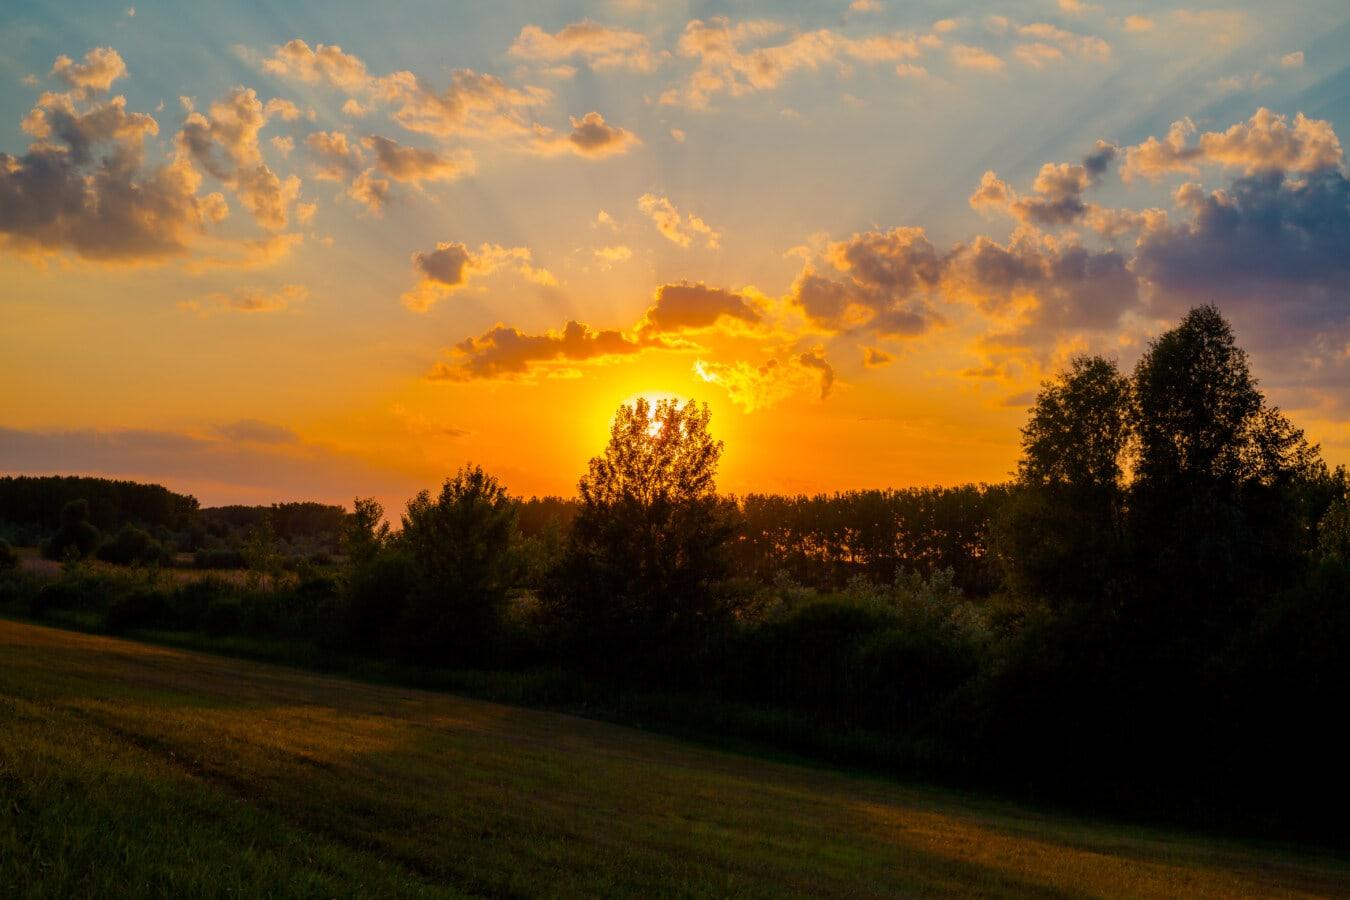 coucher de soleil, jaune orangé, majestueux, taches solaires, paysage, aube, Star, soleil, soirée, beau temps